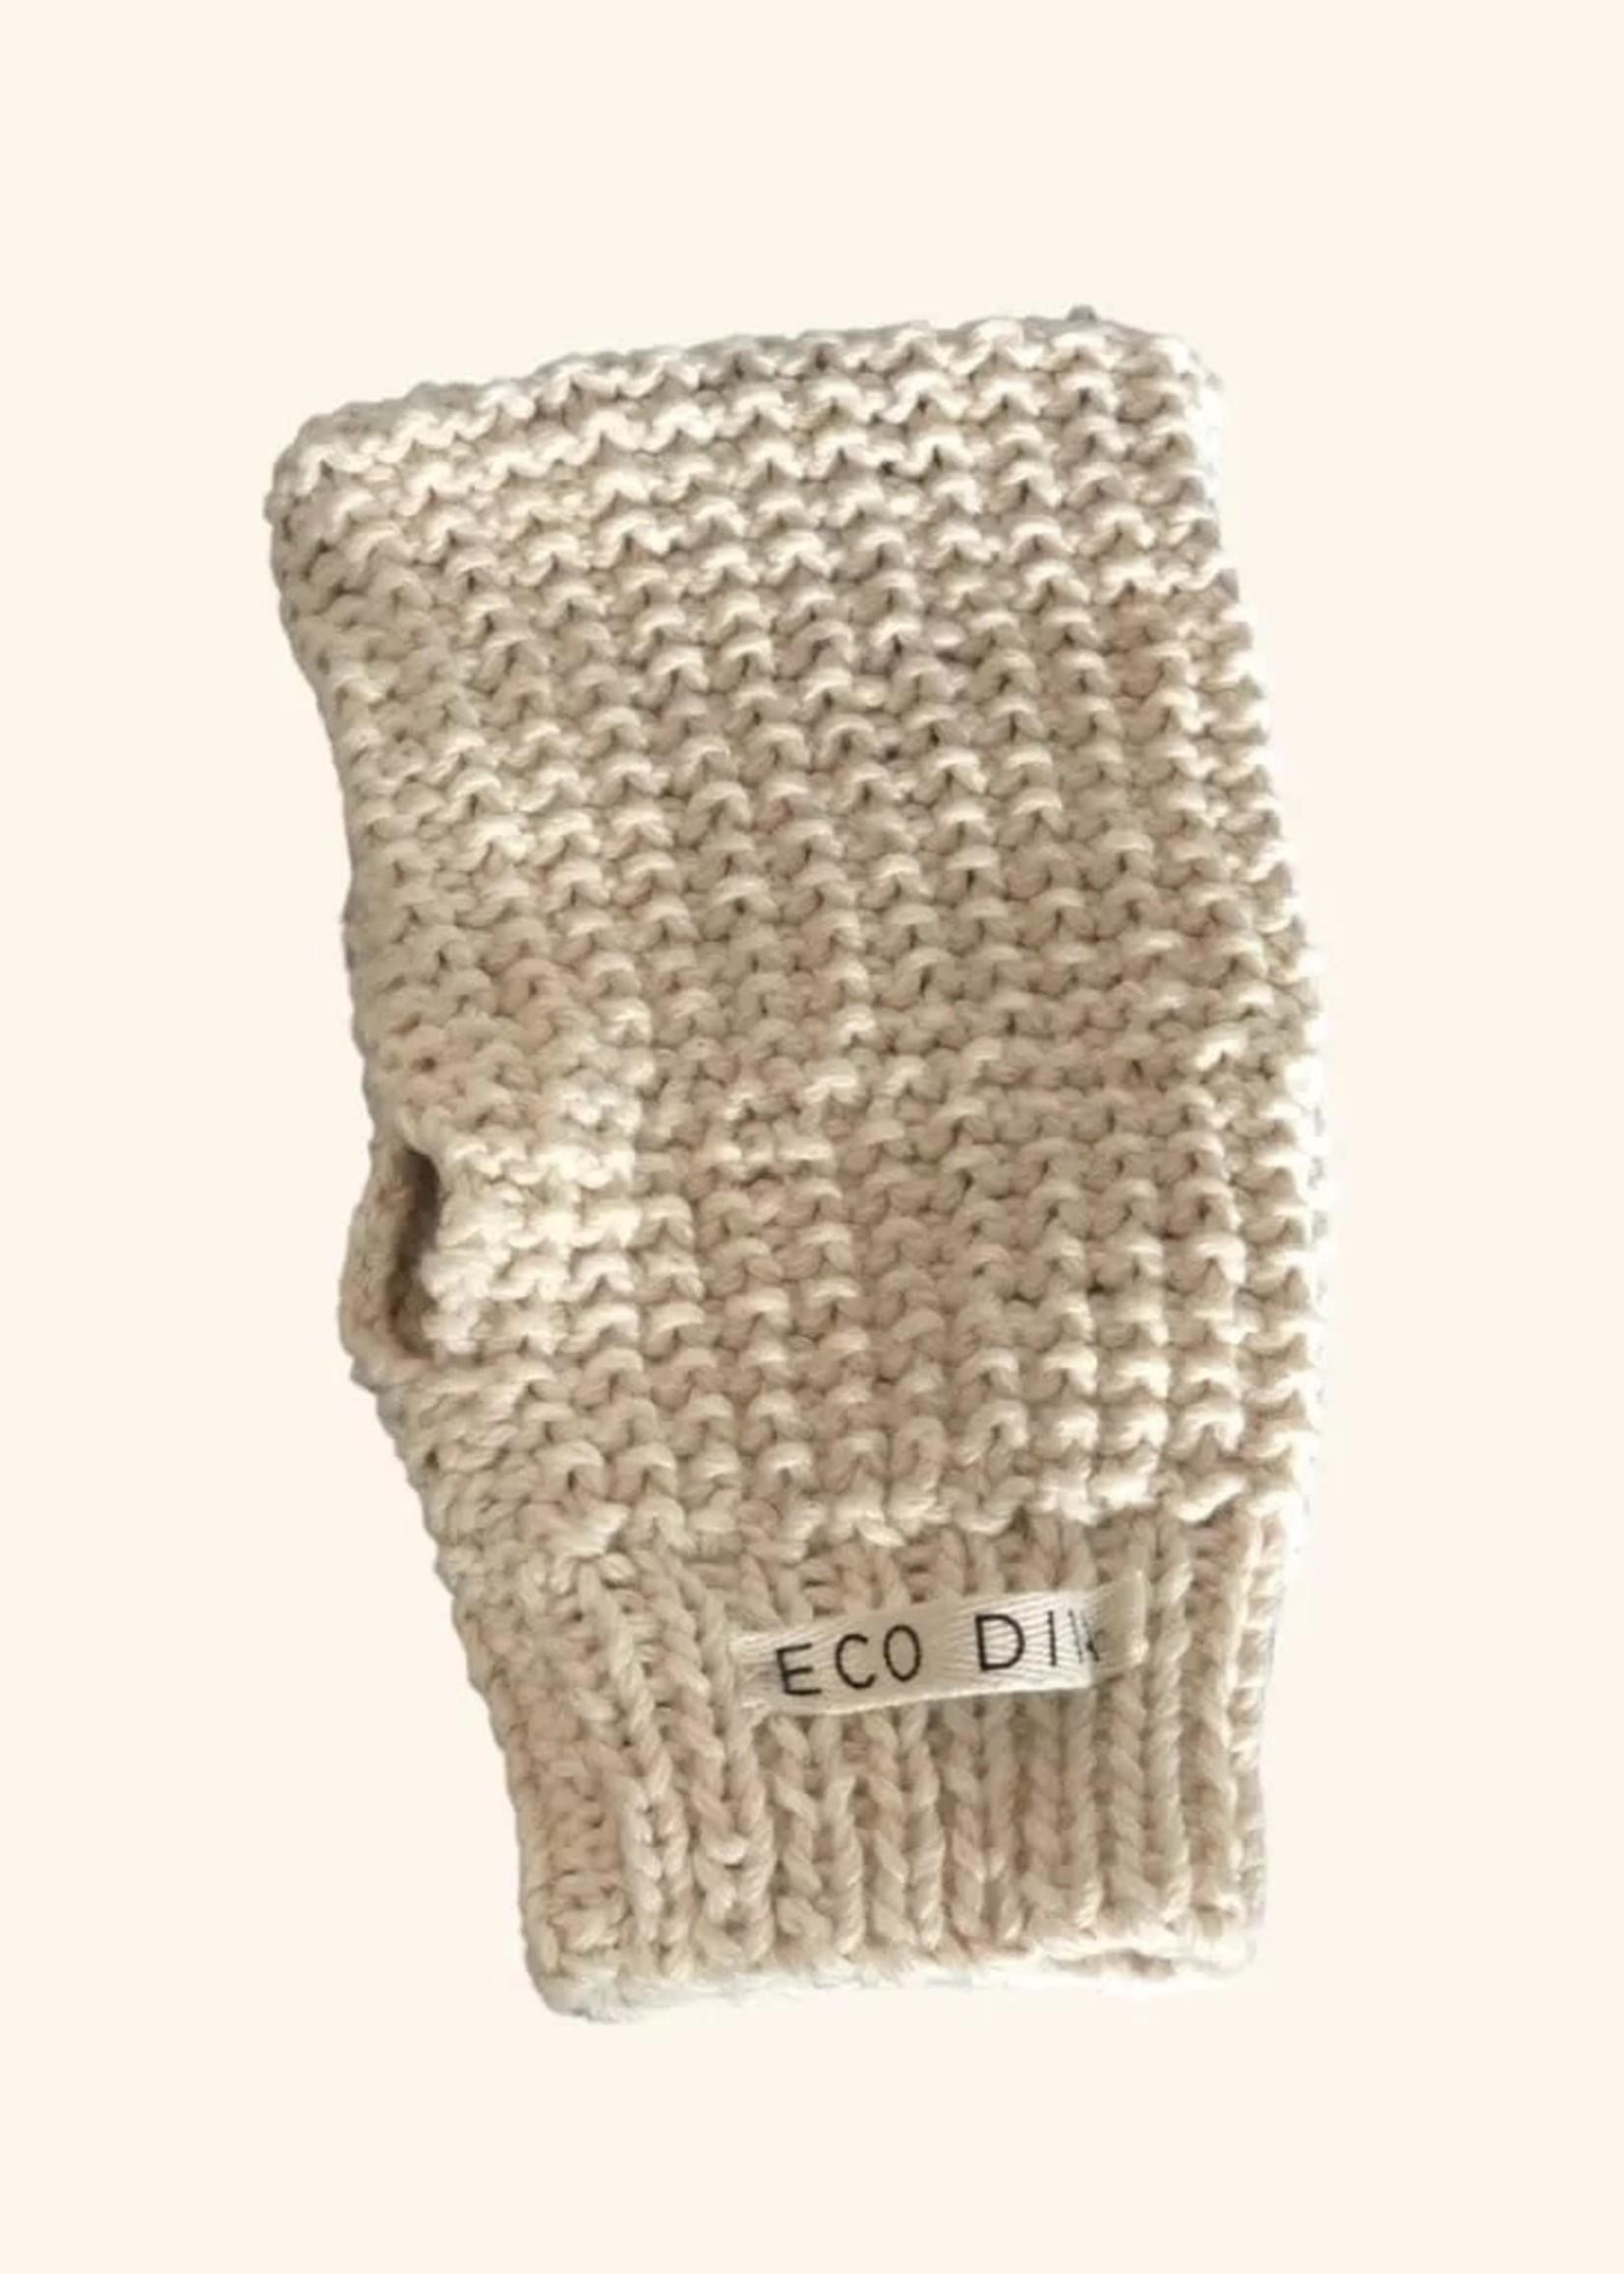 Eco Diva Eco Diva - Exfoliating mitt